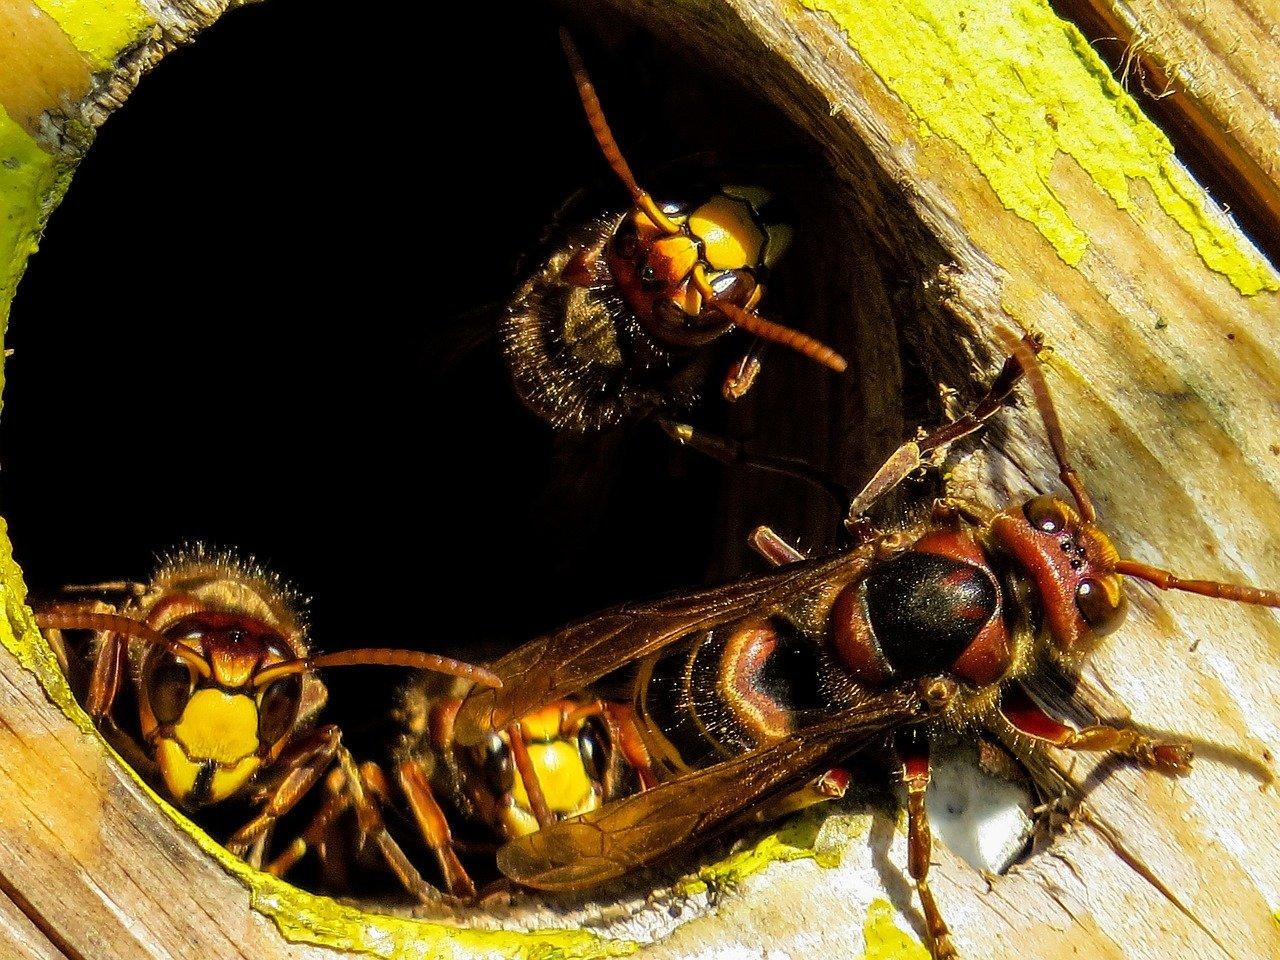 hornets sigma pest control